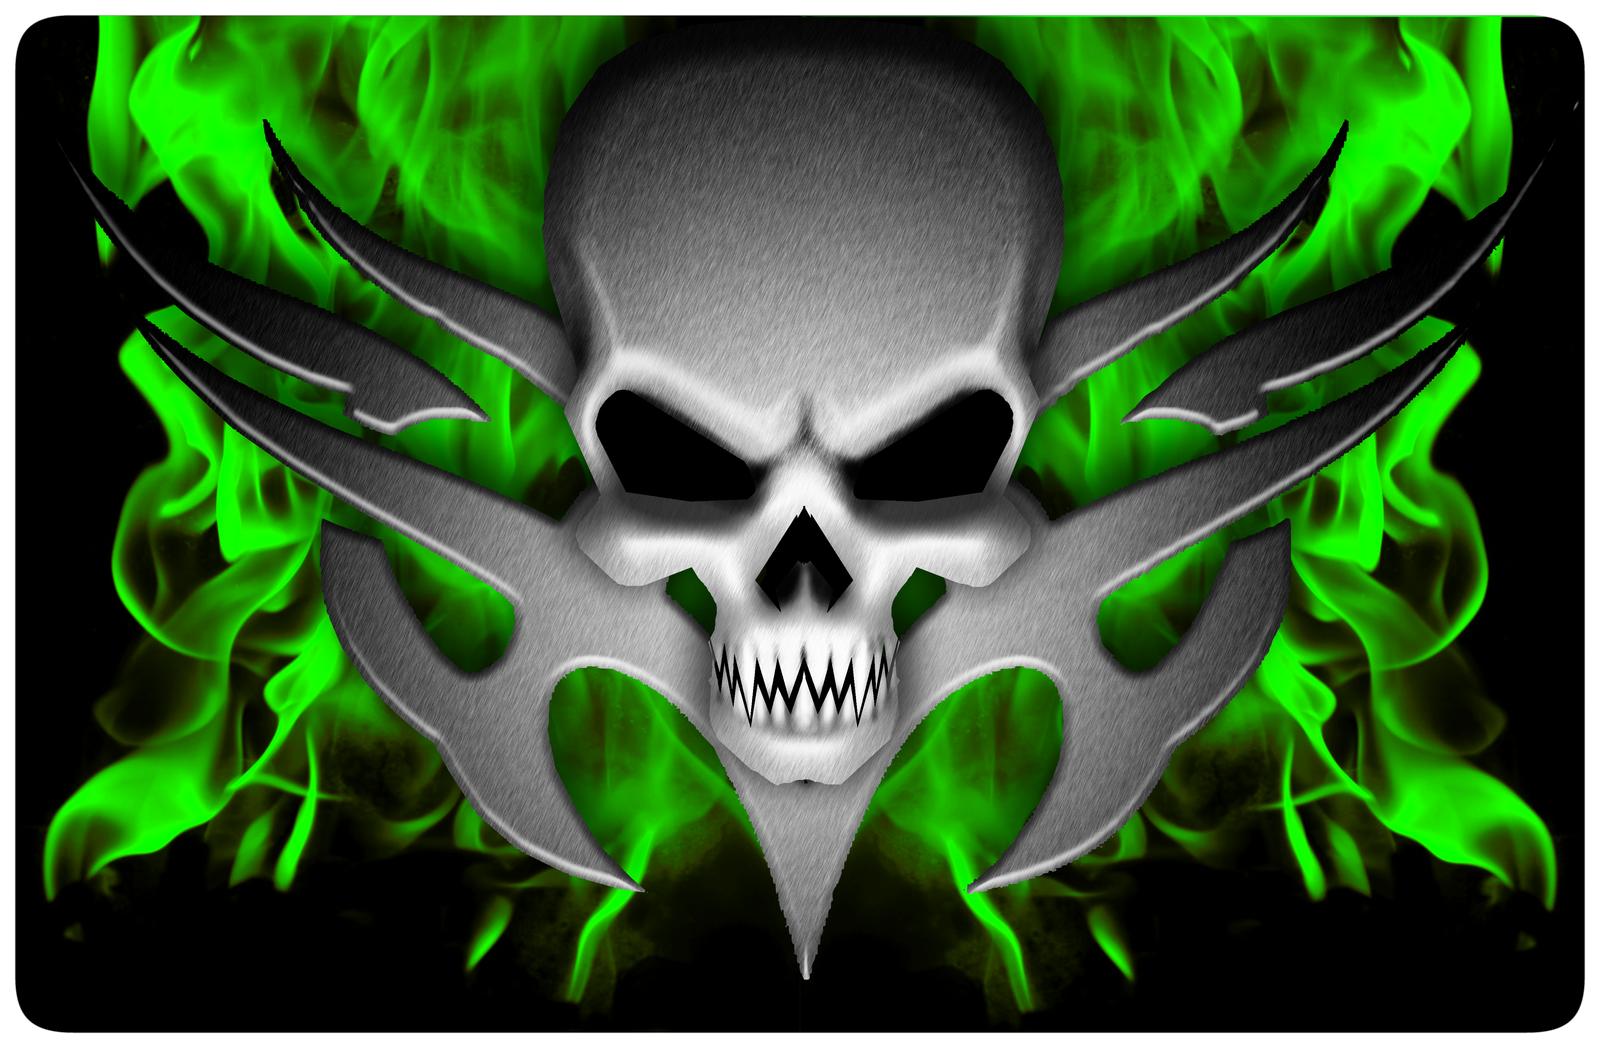 Cool Flaming Skull Wallpapers Photo Flaming Winged Skull HD Walls 1600x1048